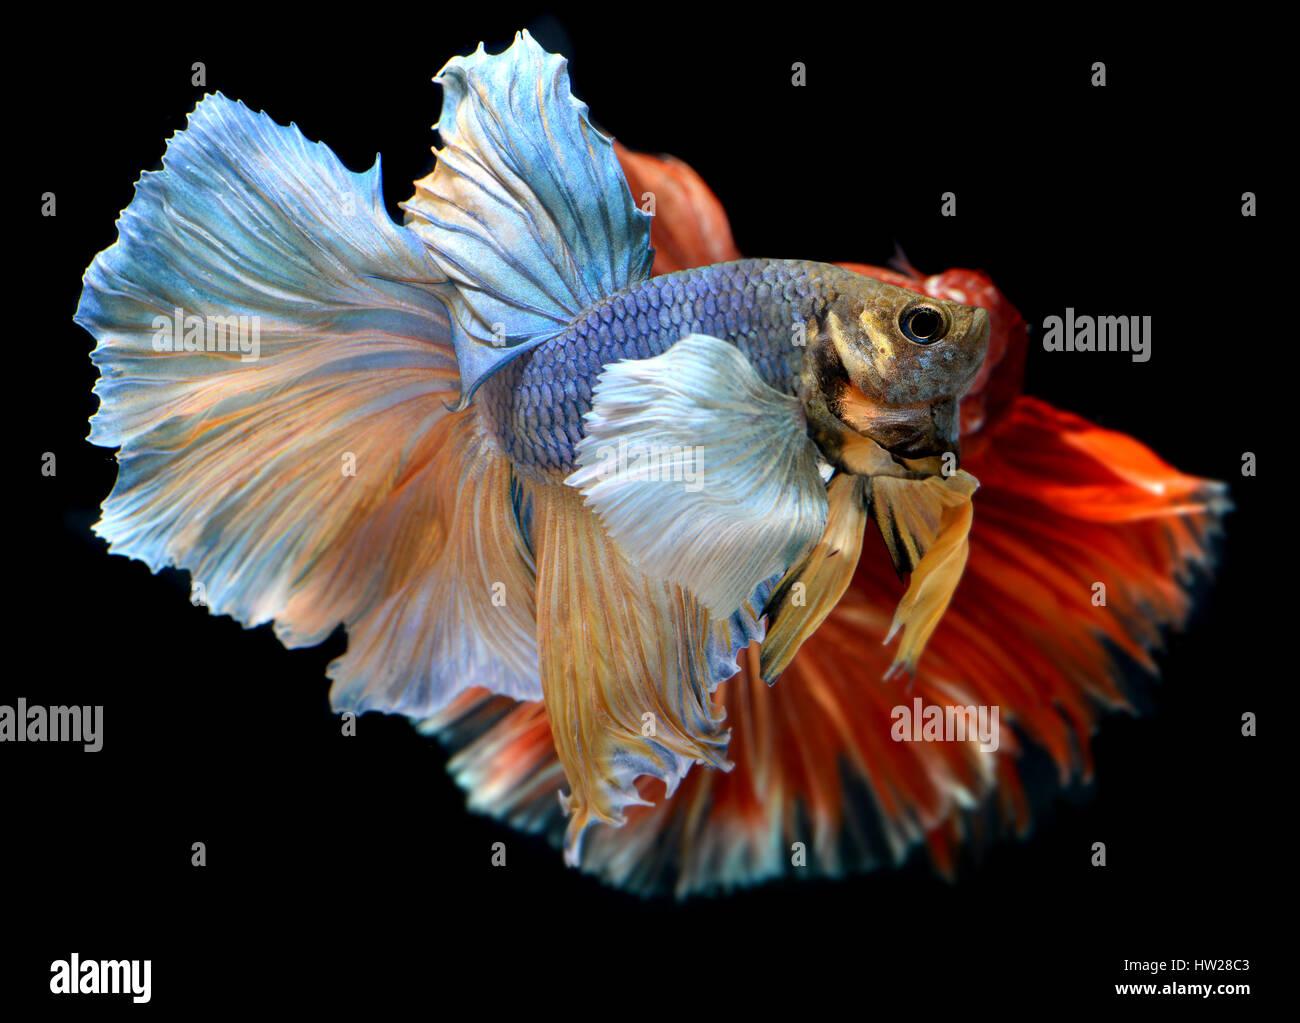 Betta pesce in libertà di azione e mostrare le alette di bellissime foto di coda in flash illuminazione. Immagini Stock